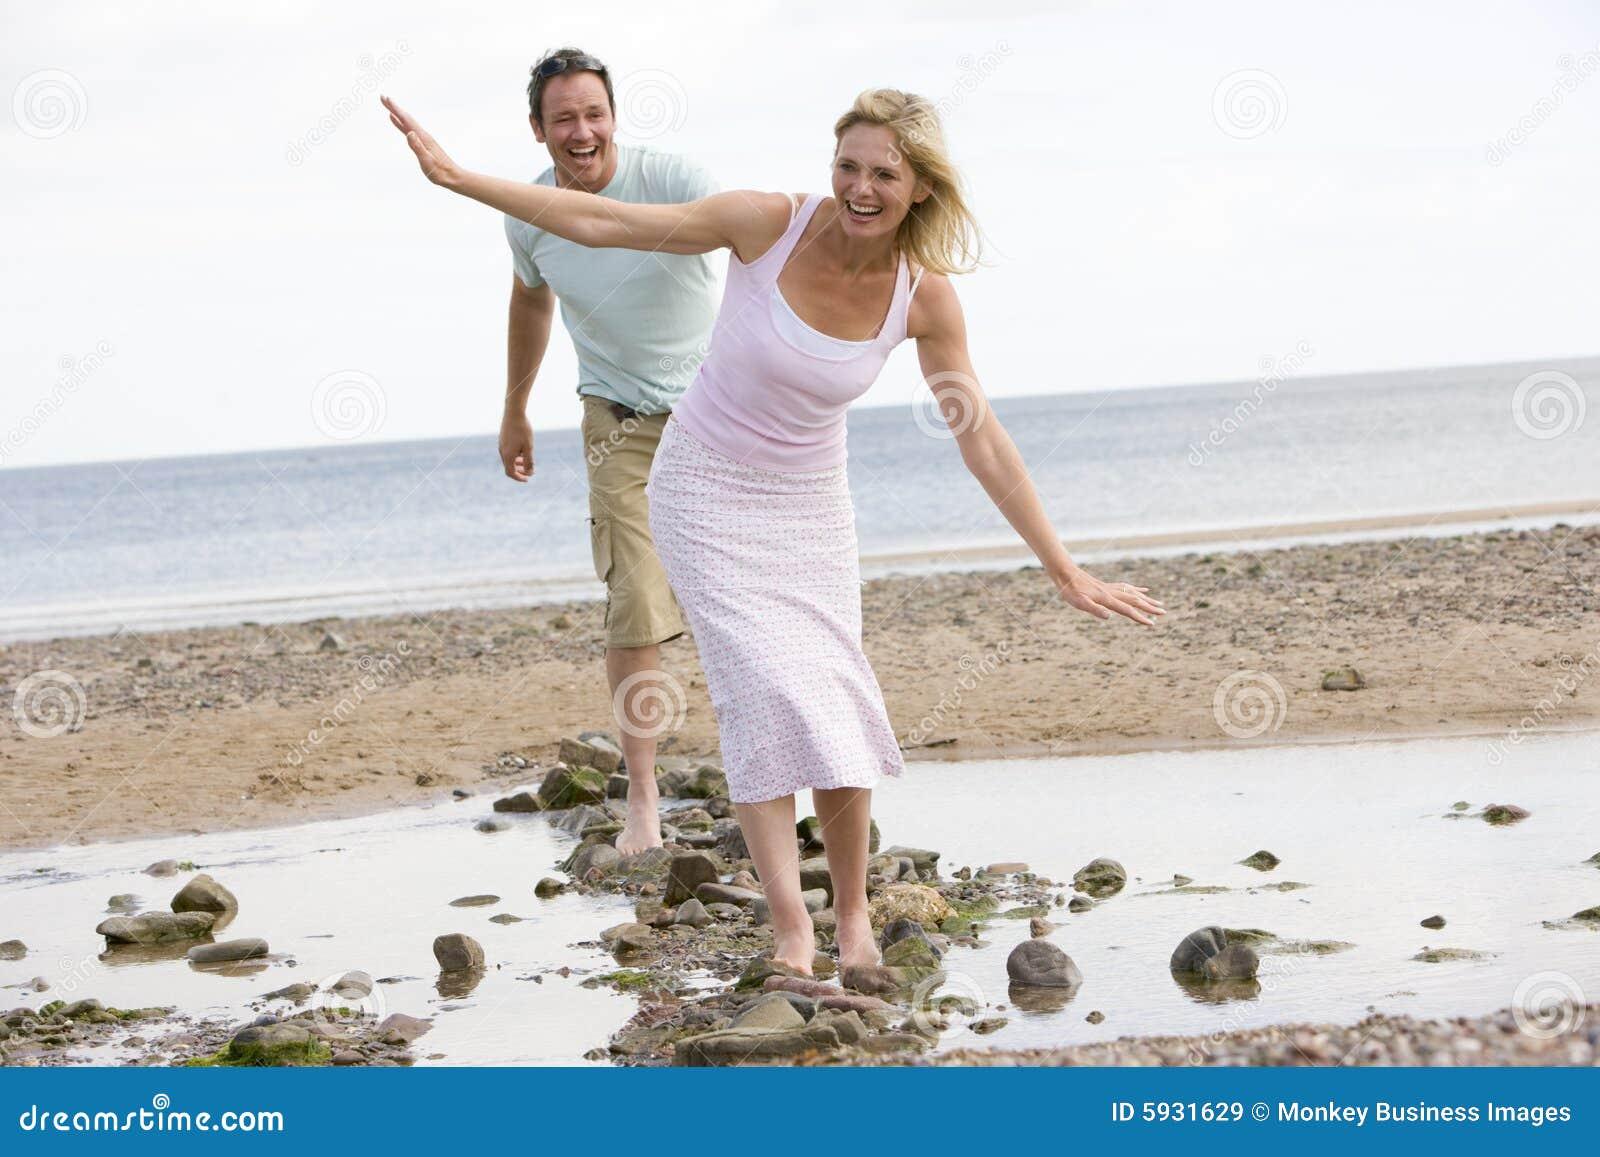 Фото мужчина и женщина идут 23 фотография